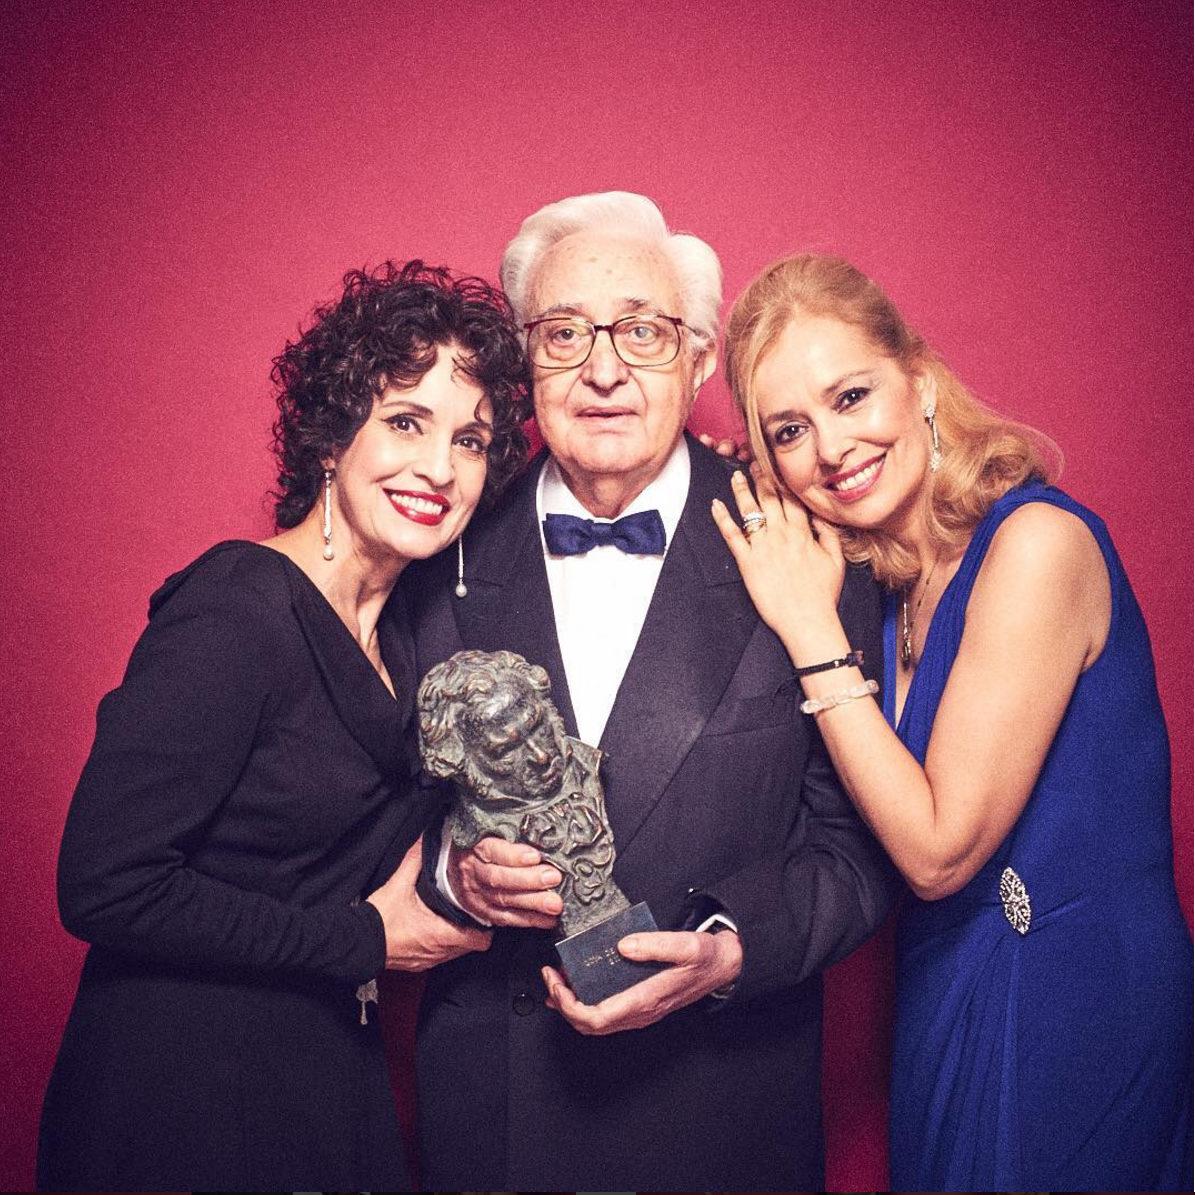 Mariano Ozones acompañado de Emma y Adriana Ozores